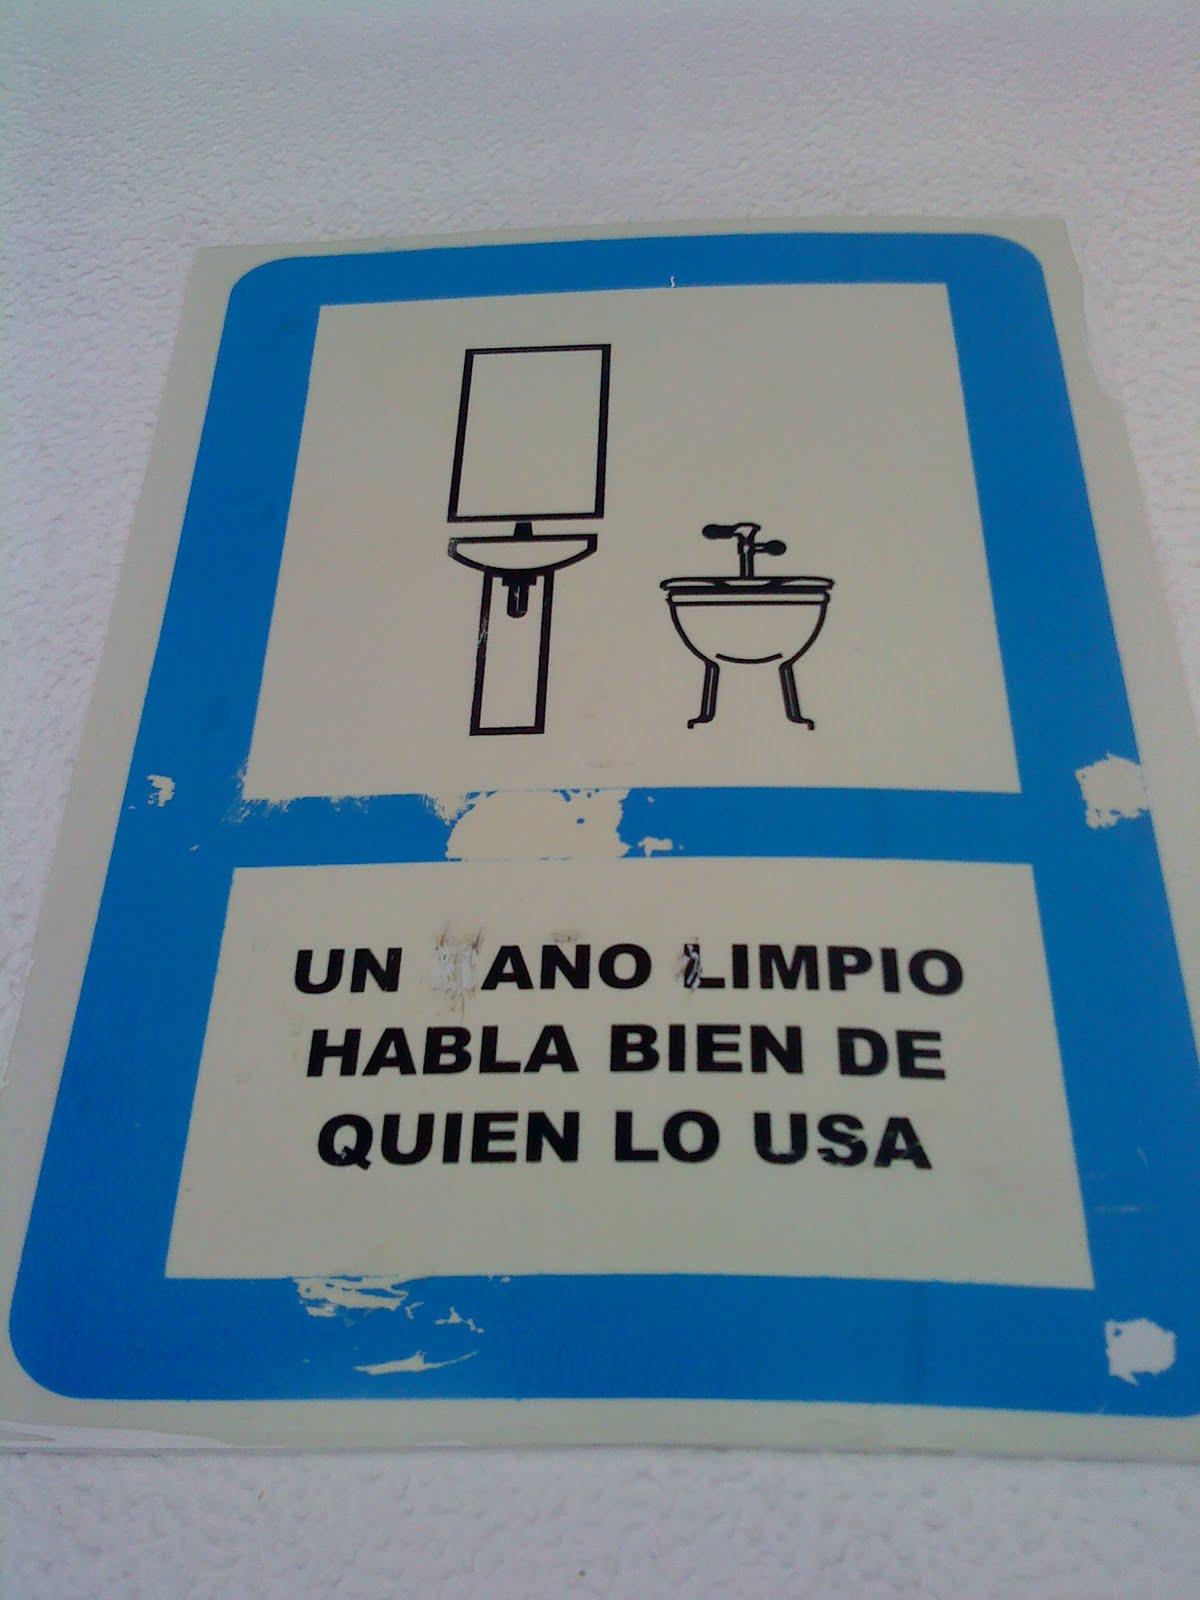 Imagen De Baño Limpio:Letreros para baños publicos – Imagui